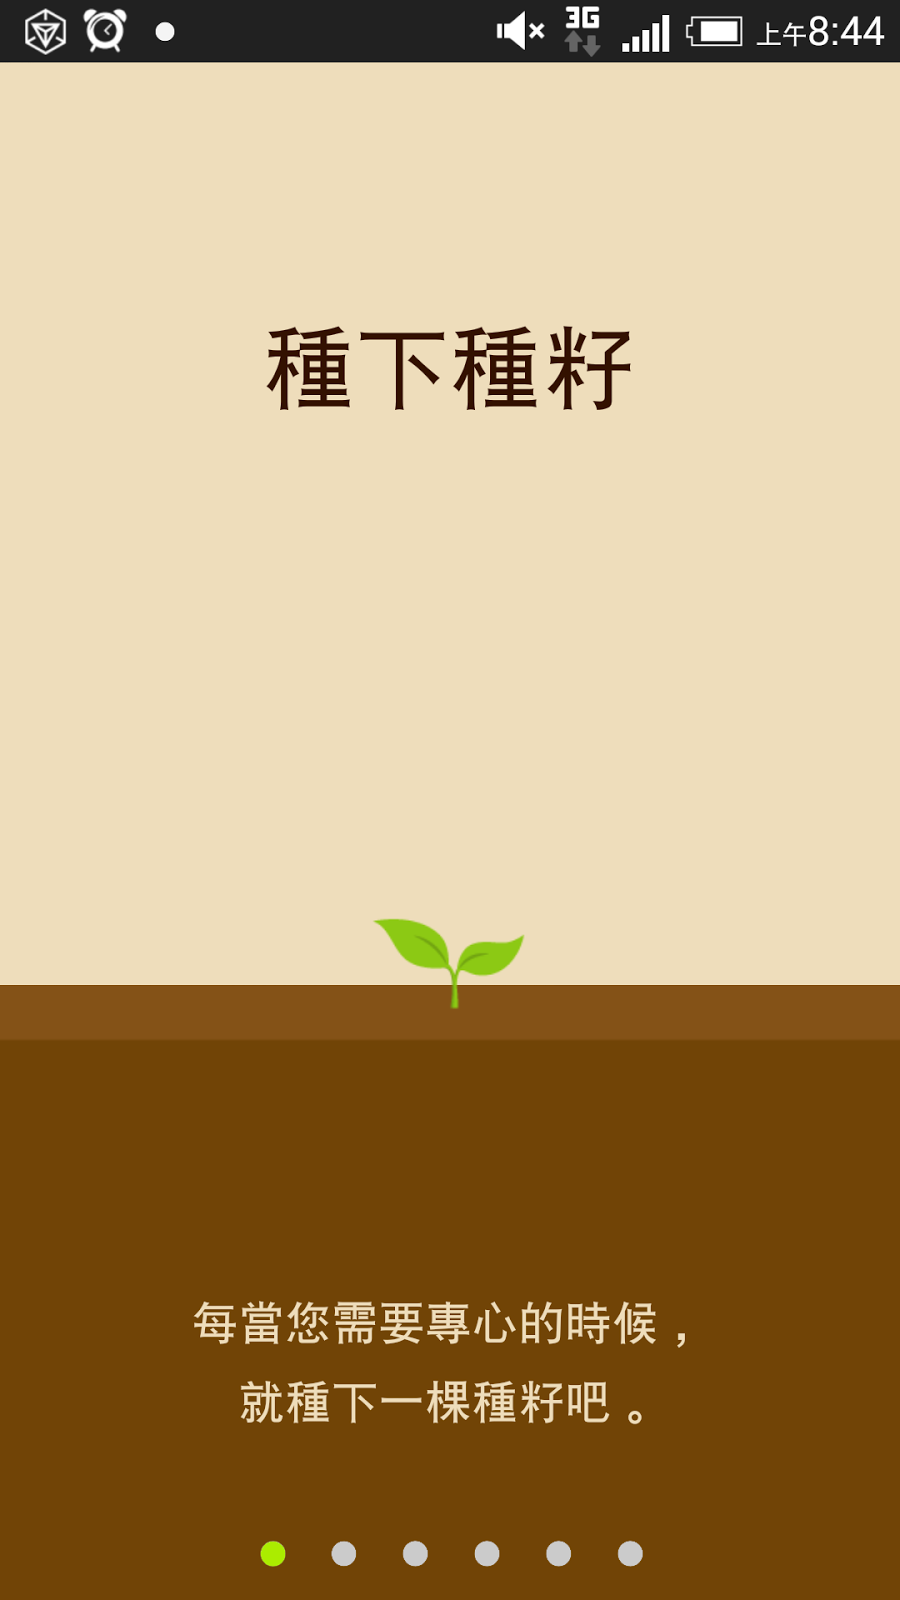 Forest 用專注力養育一片森林,動人的時間管理 App Forest-01